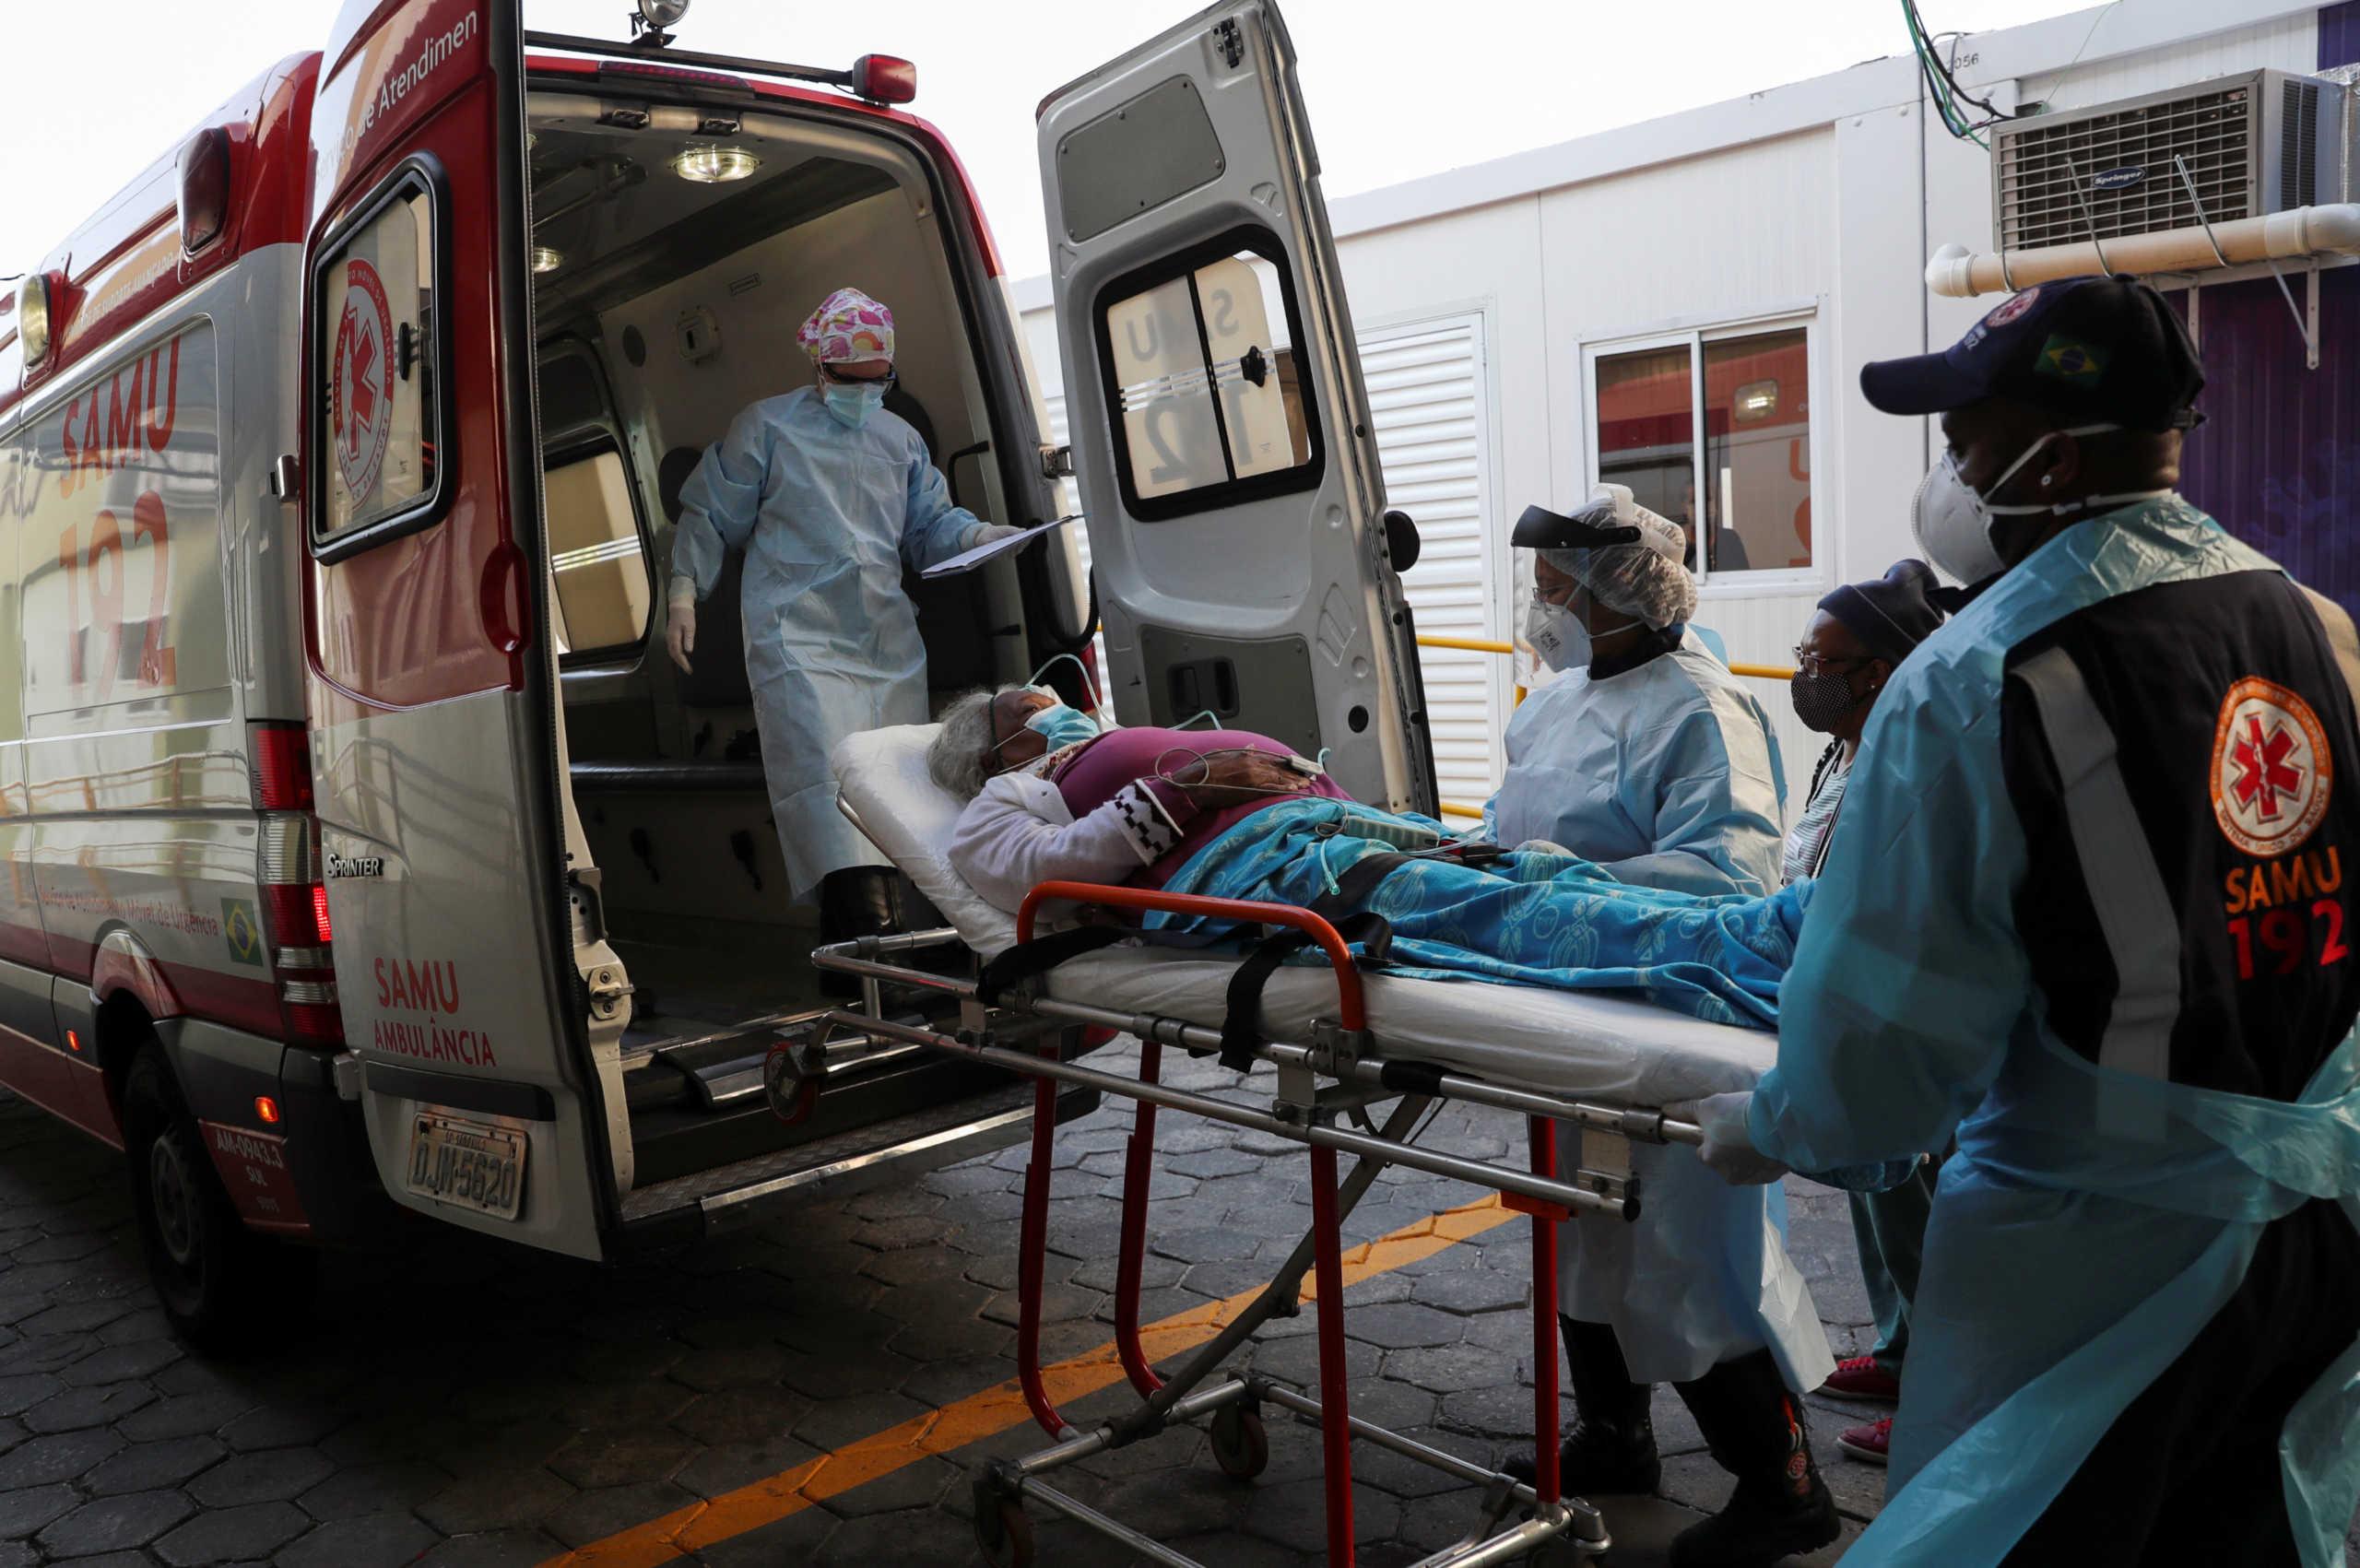 Κορονοϊός: Πάνω από 10.000 κρούσματα στη Βραζιλία και 128 νεκροί